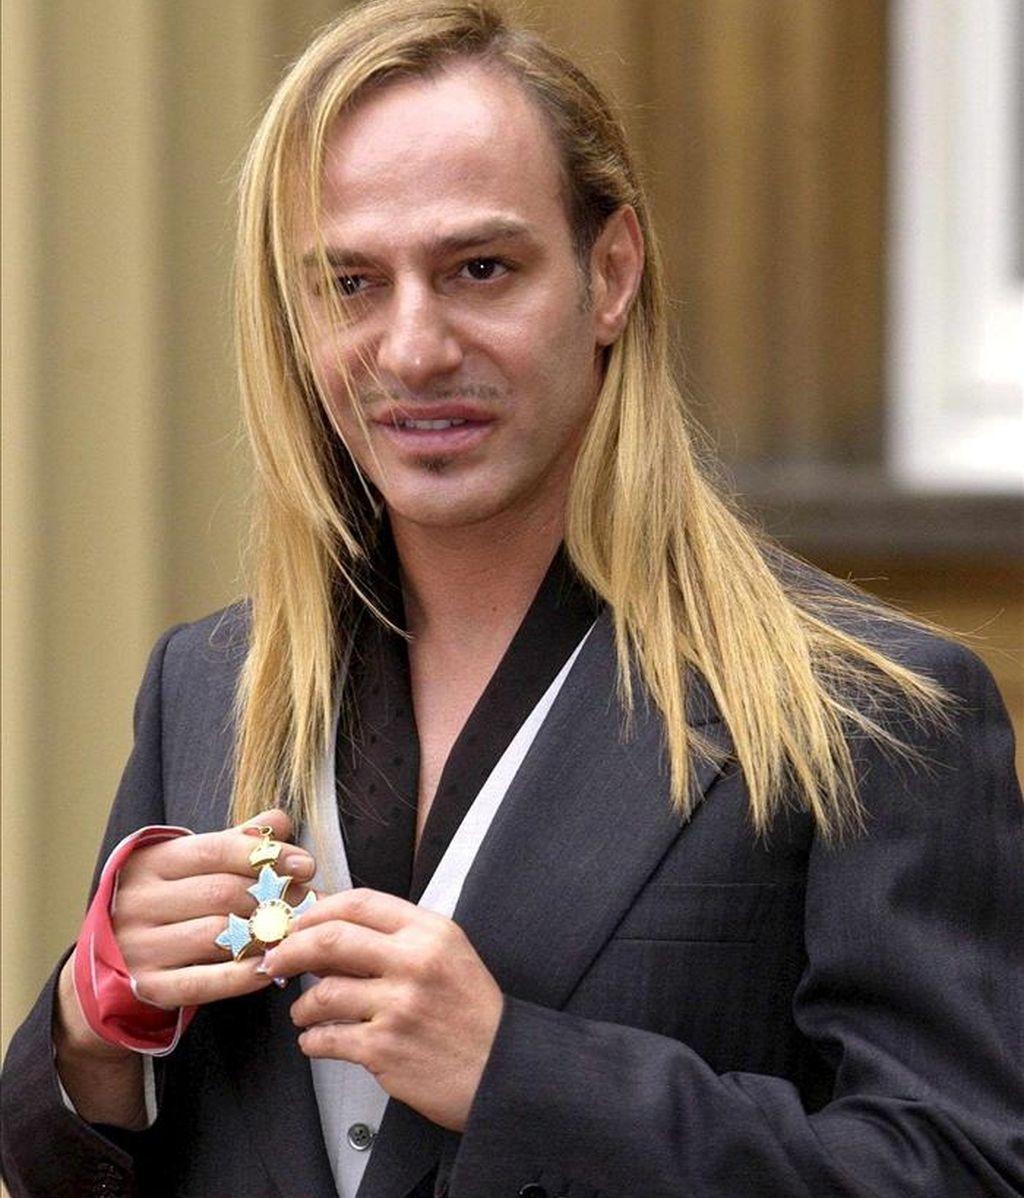 El modisto gibraltareño John Galliano, ex director artístico de Christian Dior, será juzgado por injurias racistas el 22 de junio, informaron a Efe sus abogados. EFE/Archivo